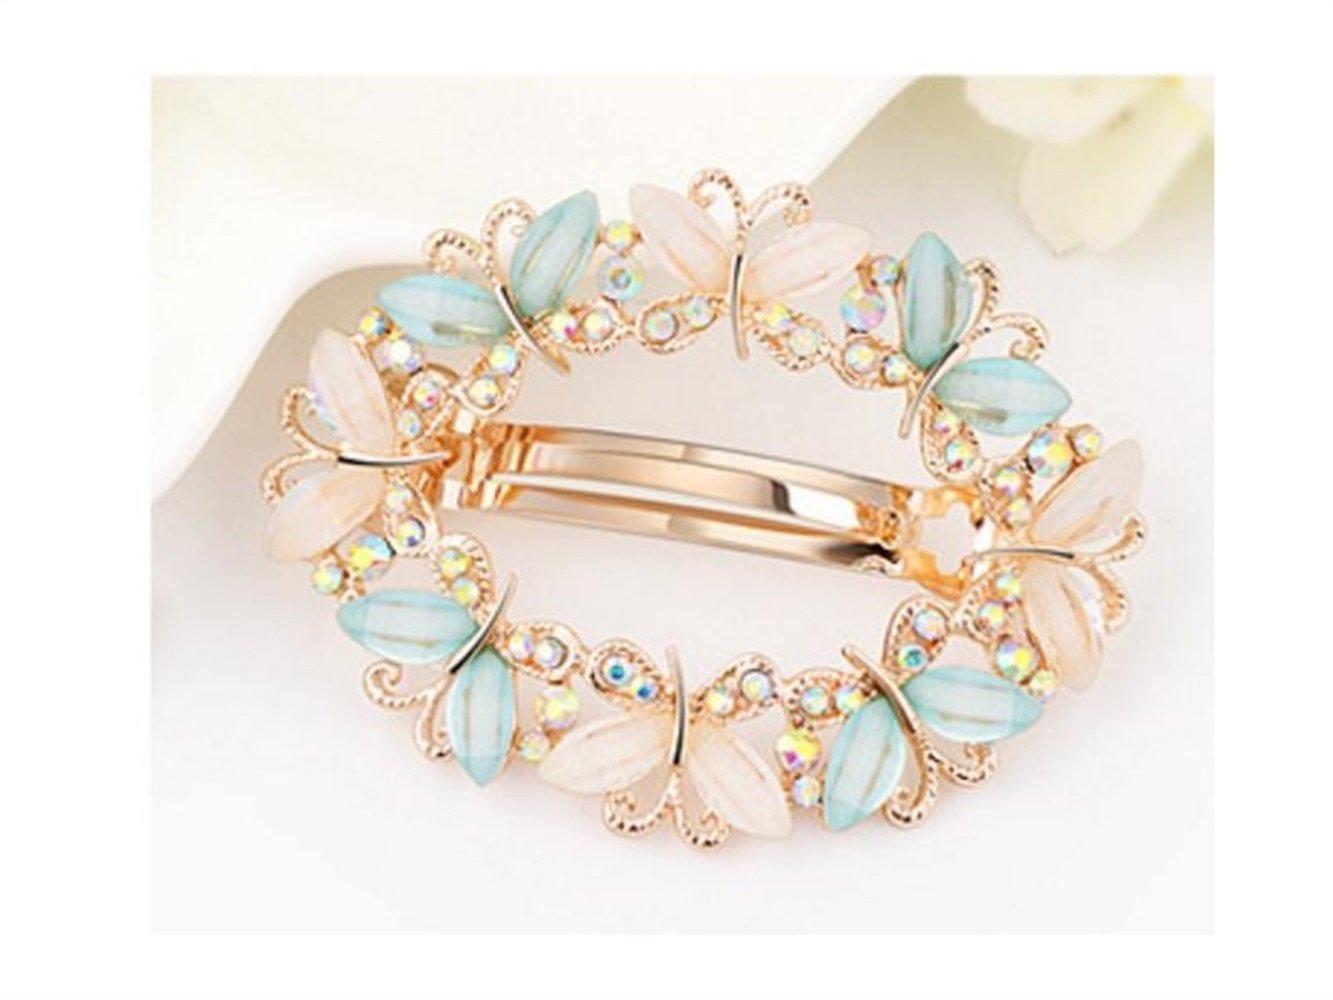 Utile papillon elegante farfalla strass capelli clip Hair styling Tool accessori per capelli per donne (verde) decorate Yourself blueqier